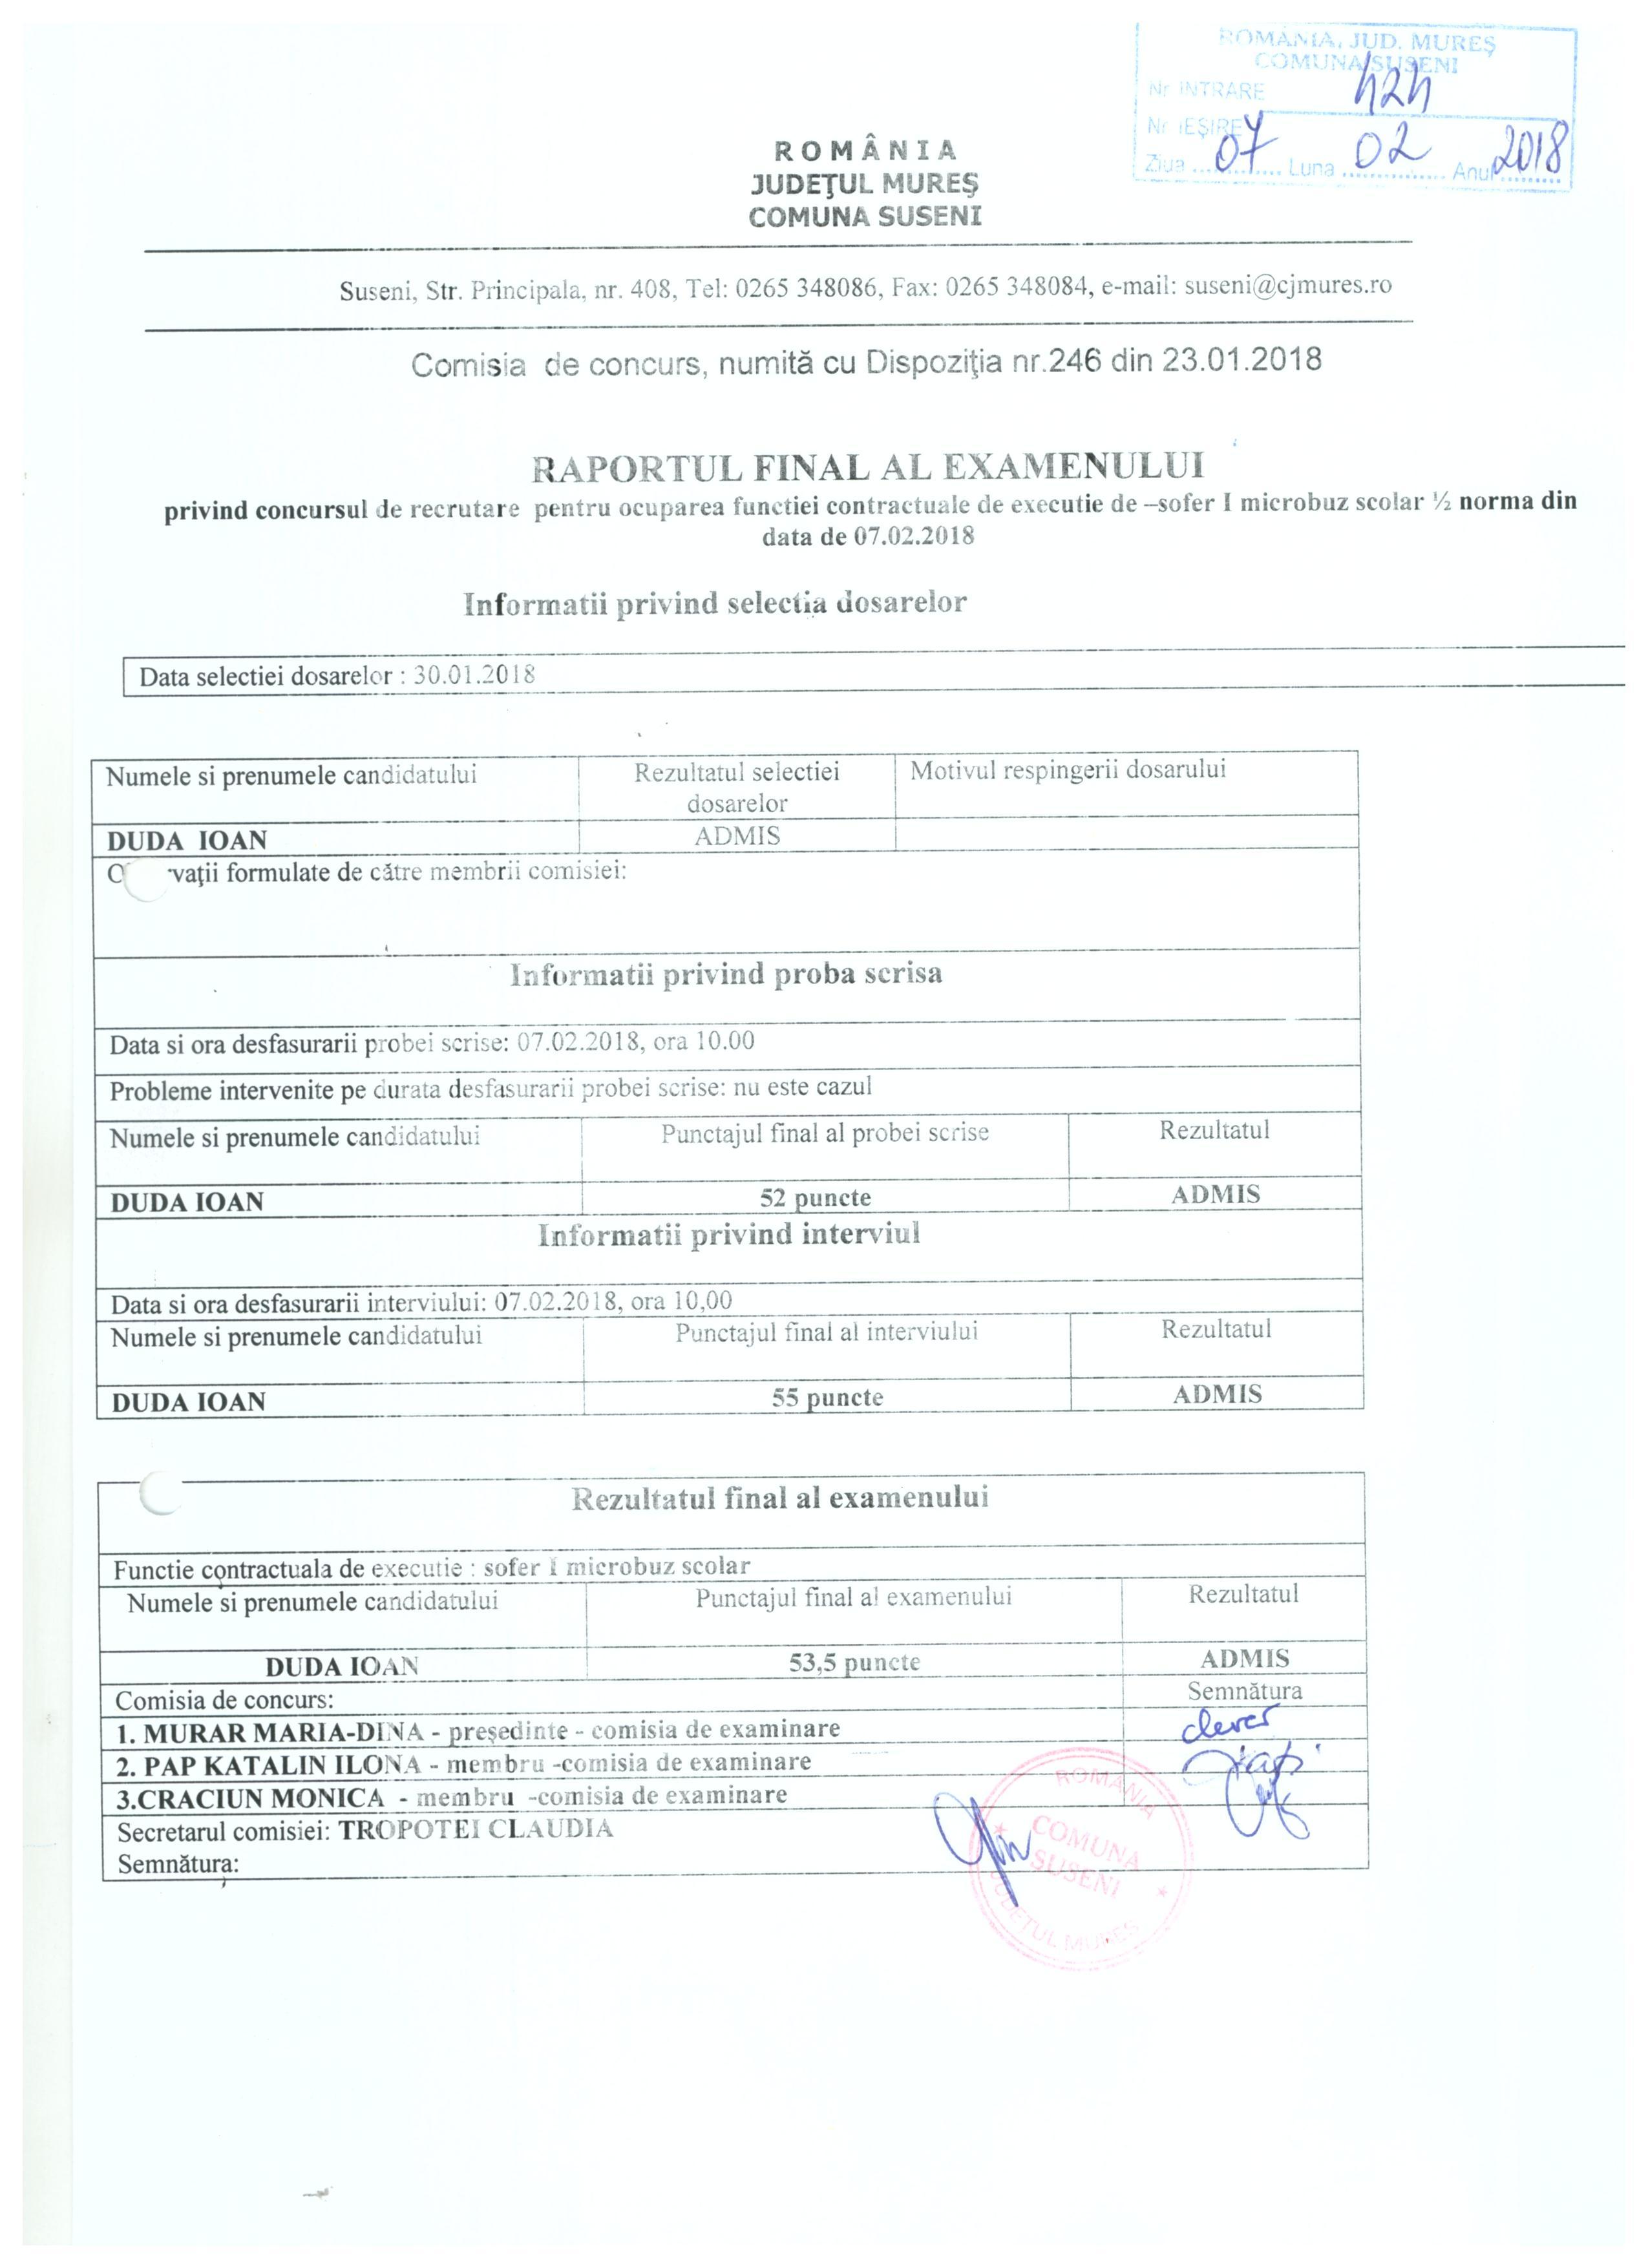 Raportul final al examenului privind concursul de recrutare pentru ocuparea functiei de sofer microbuz scolar